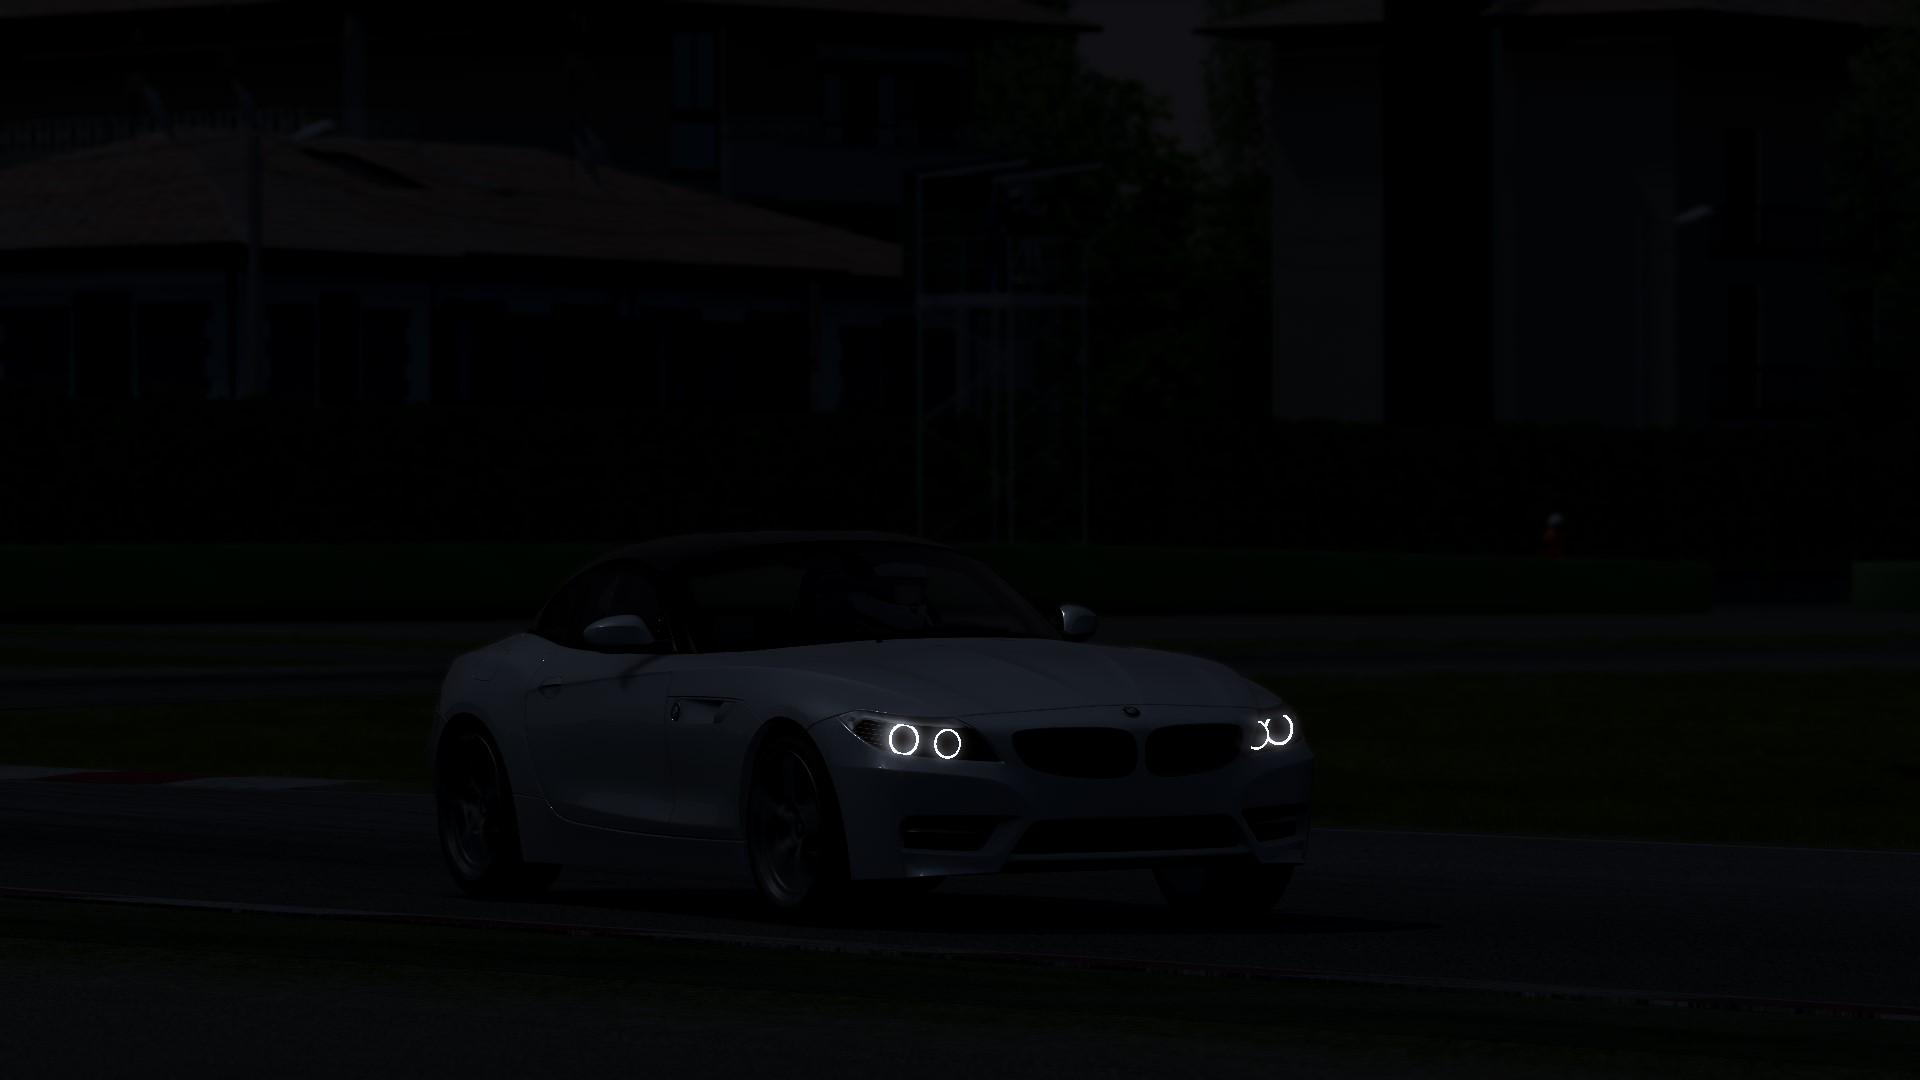 Screenshot_bmw_z4_imola_25-3-116-3-36-6.jpg